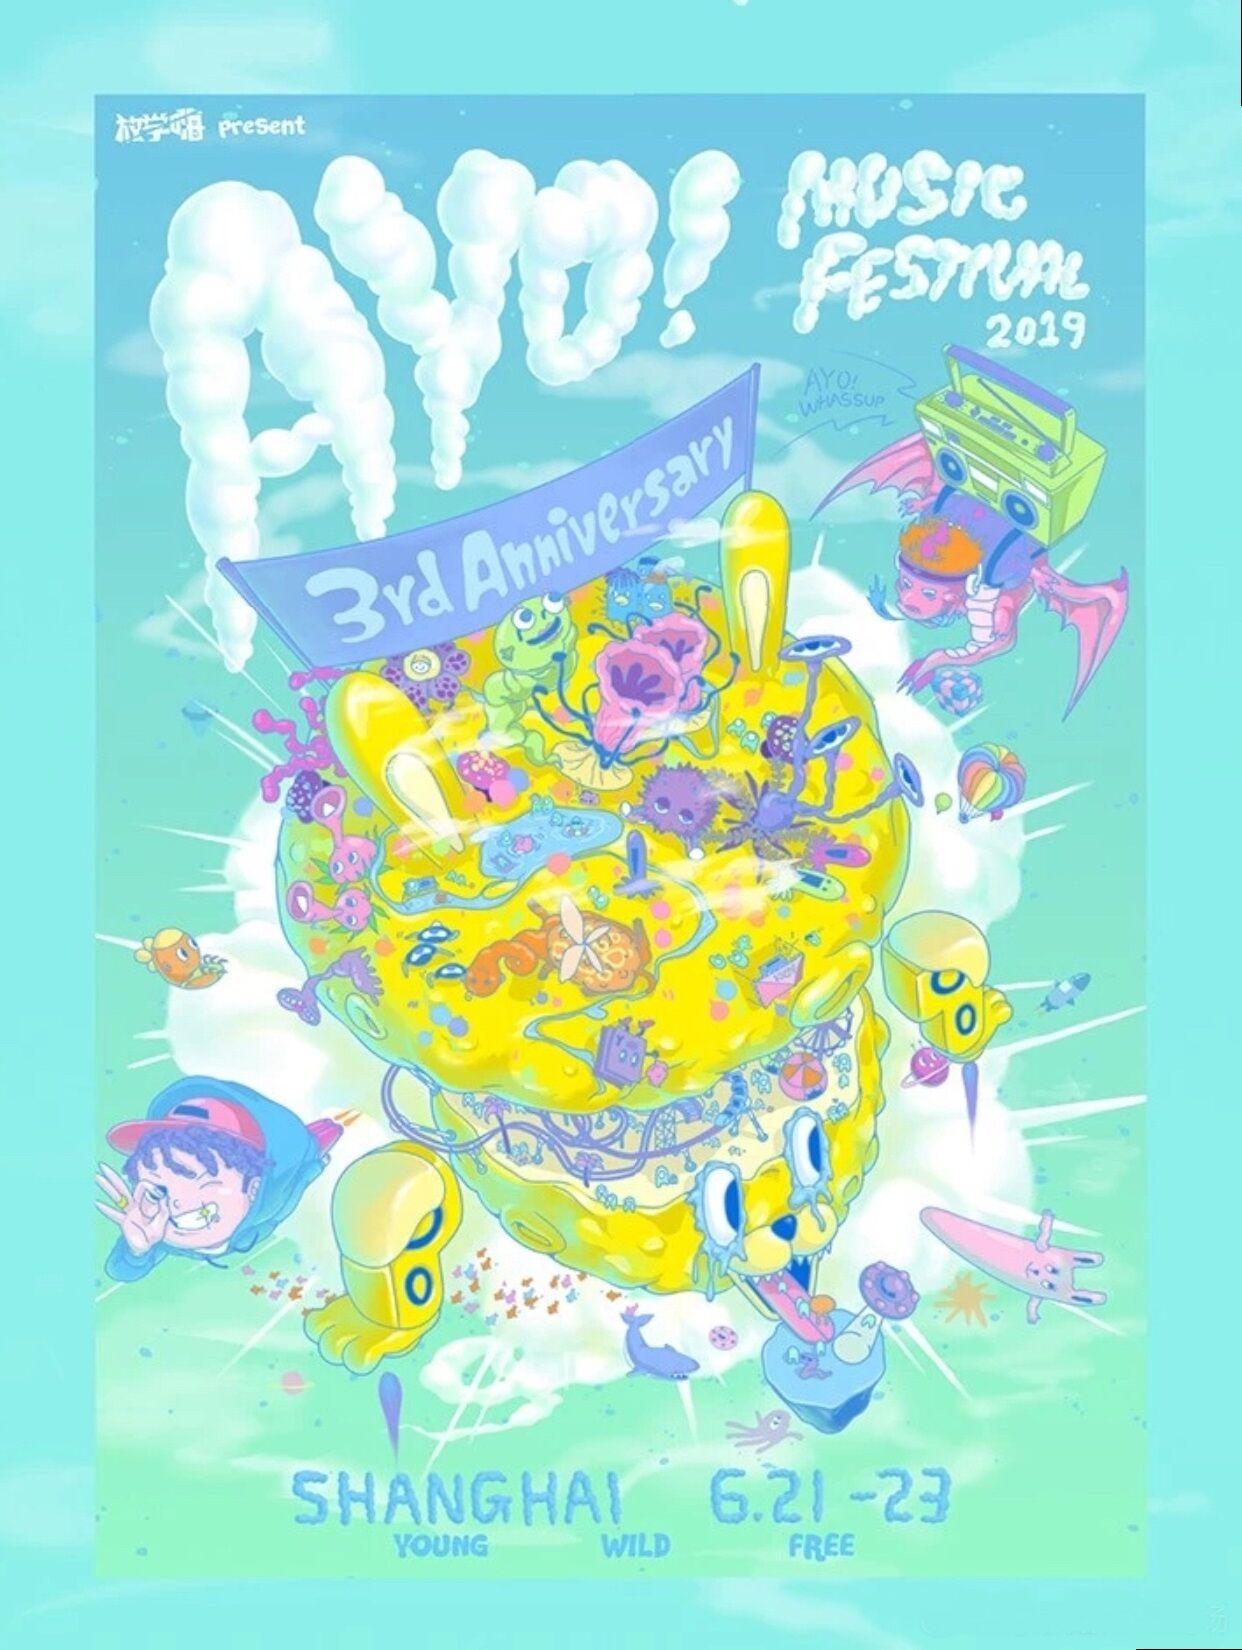 上海AYO!音乐节